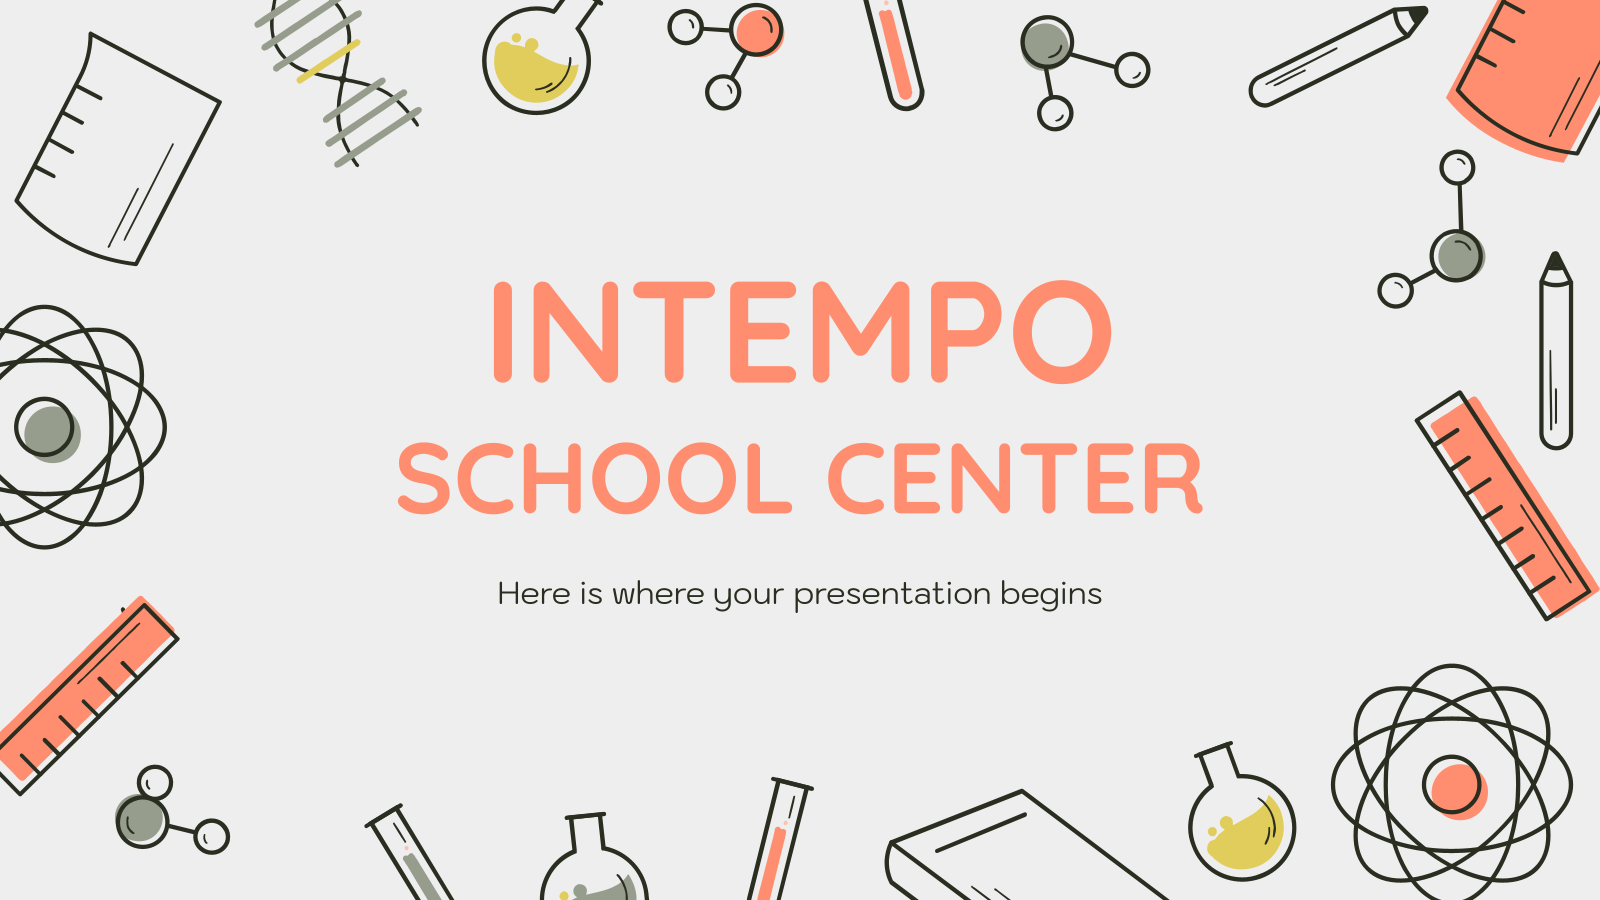 Plantilla de presentación Centro educativo Intempo